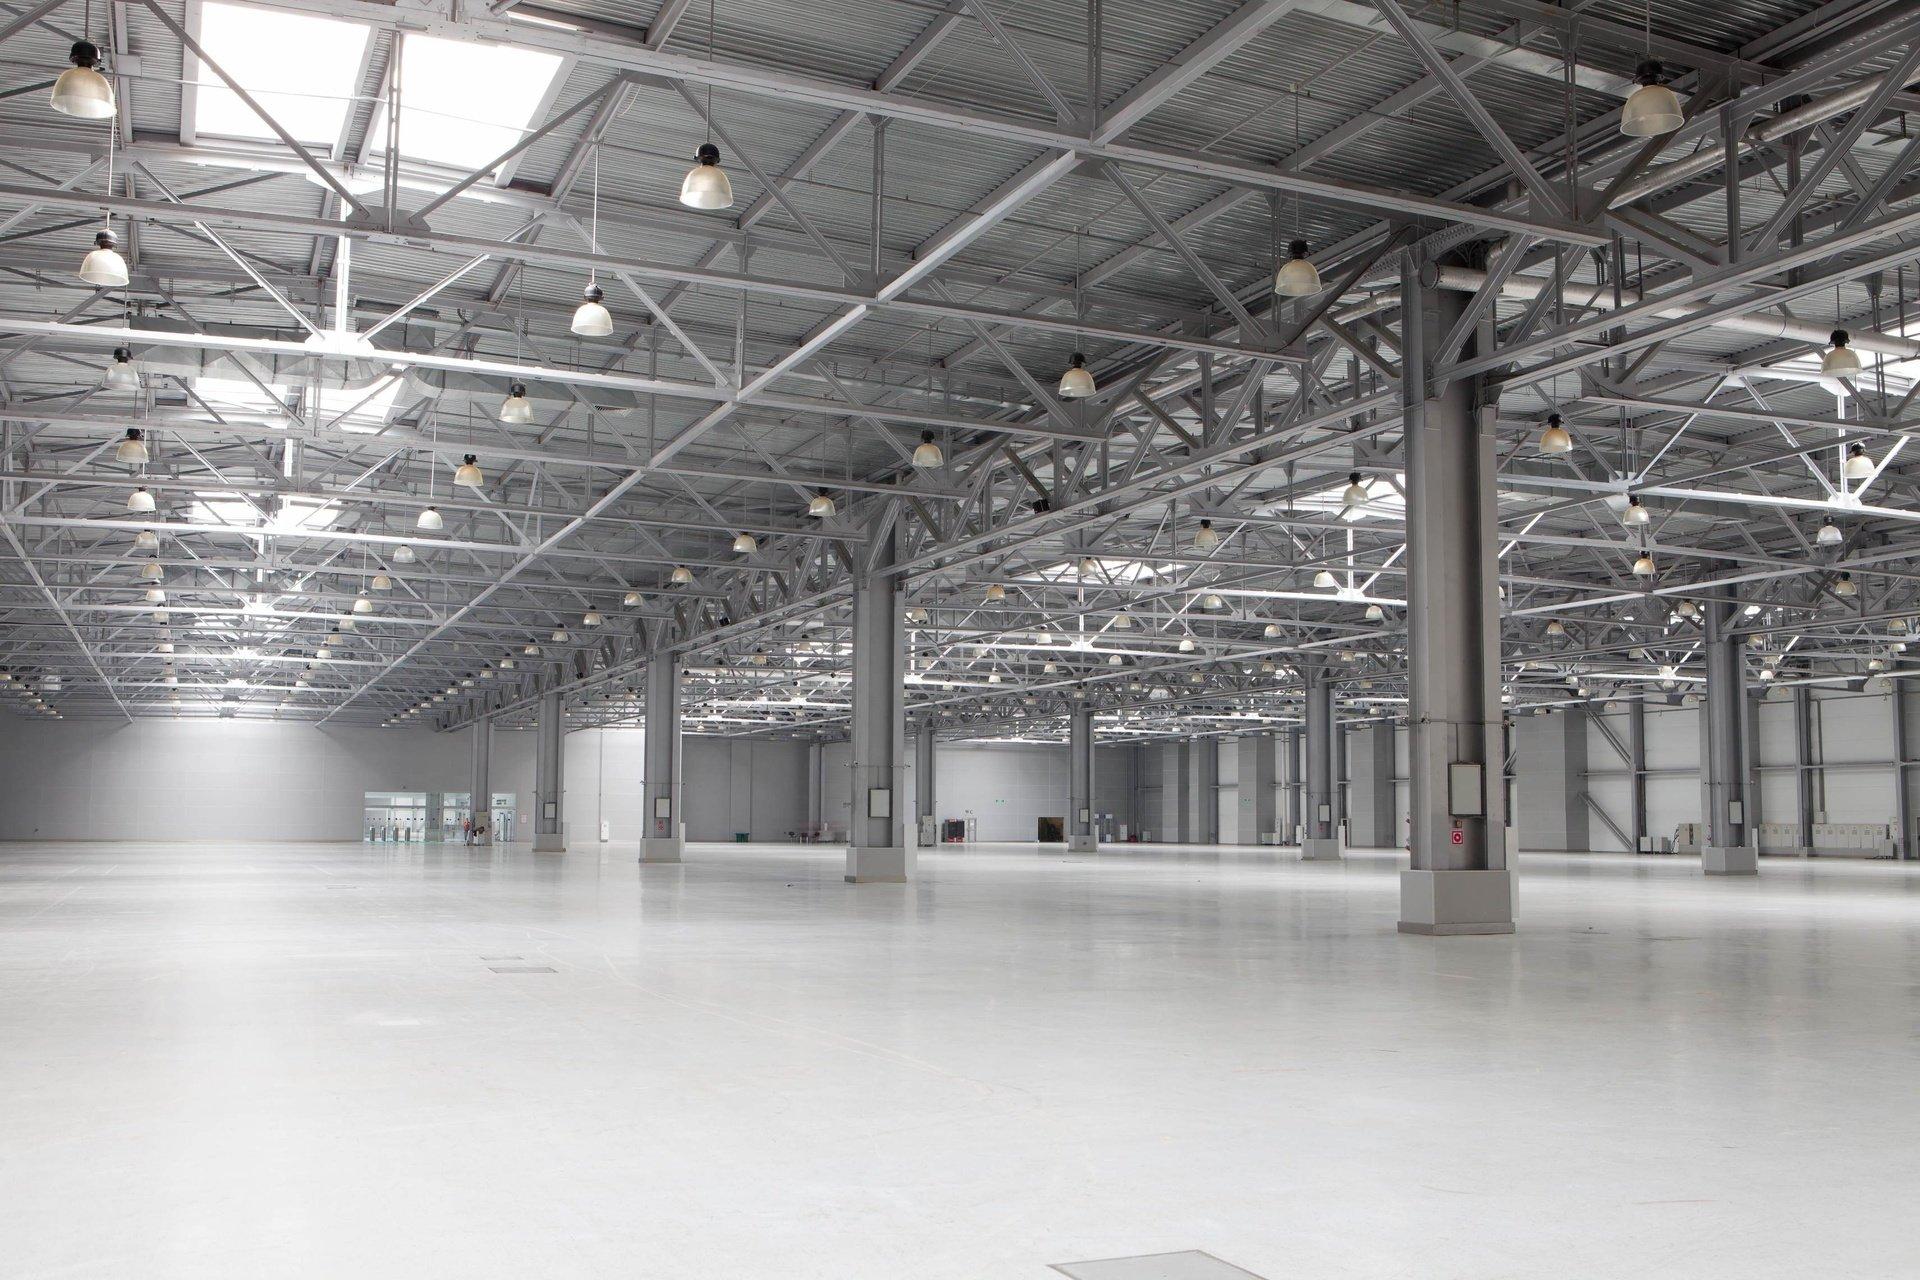 BNP Paribas REIM podało informację o zakupie drugiego co do wielkości centrum logistycznego branży e-commerce w Europie